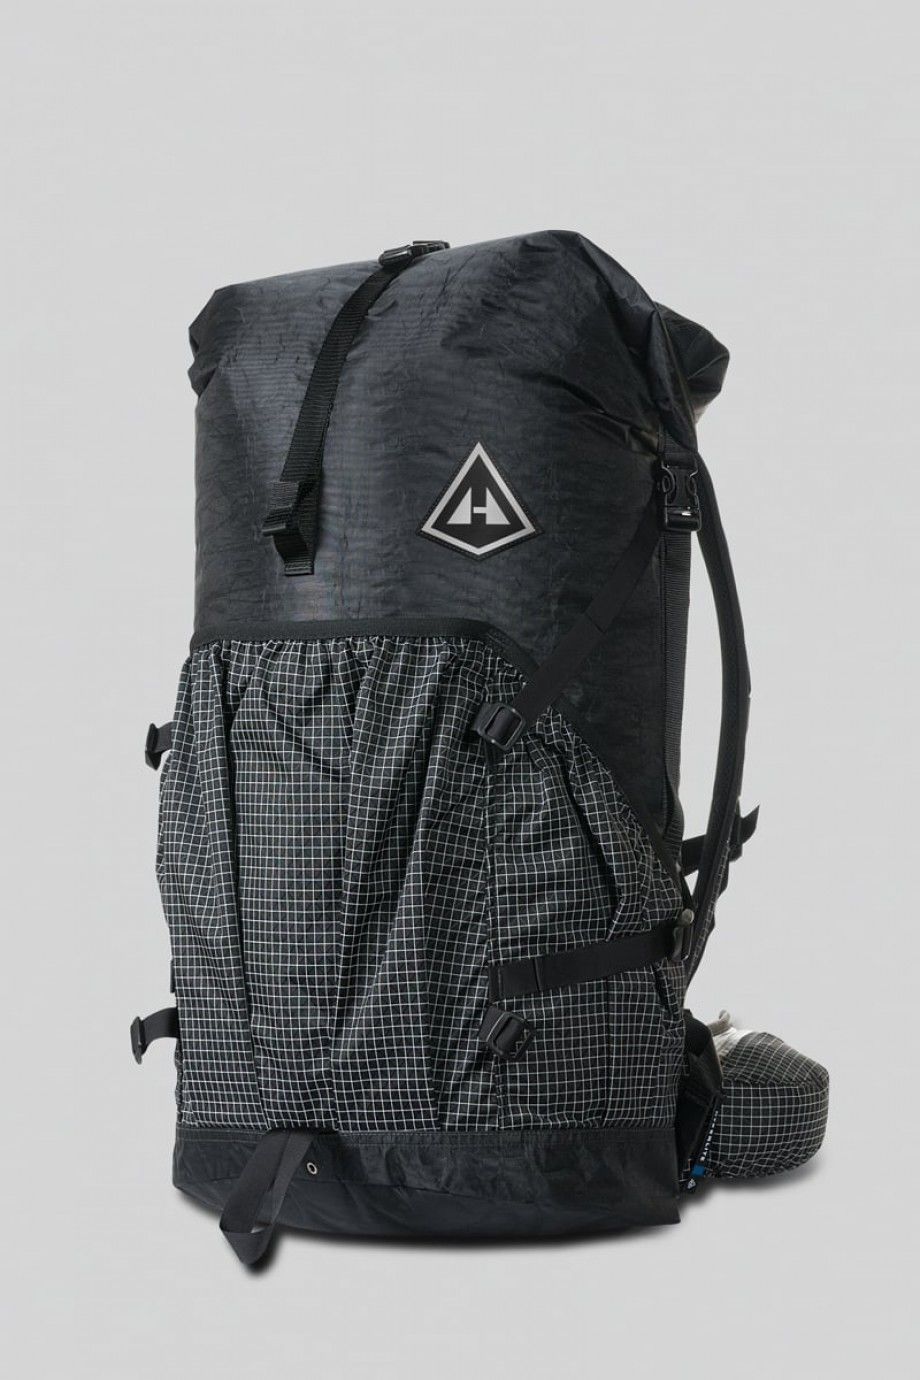 HYPERLITE MOUNTAIN GEAR / 2400 SOUTHWEST  BLACK